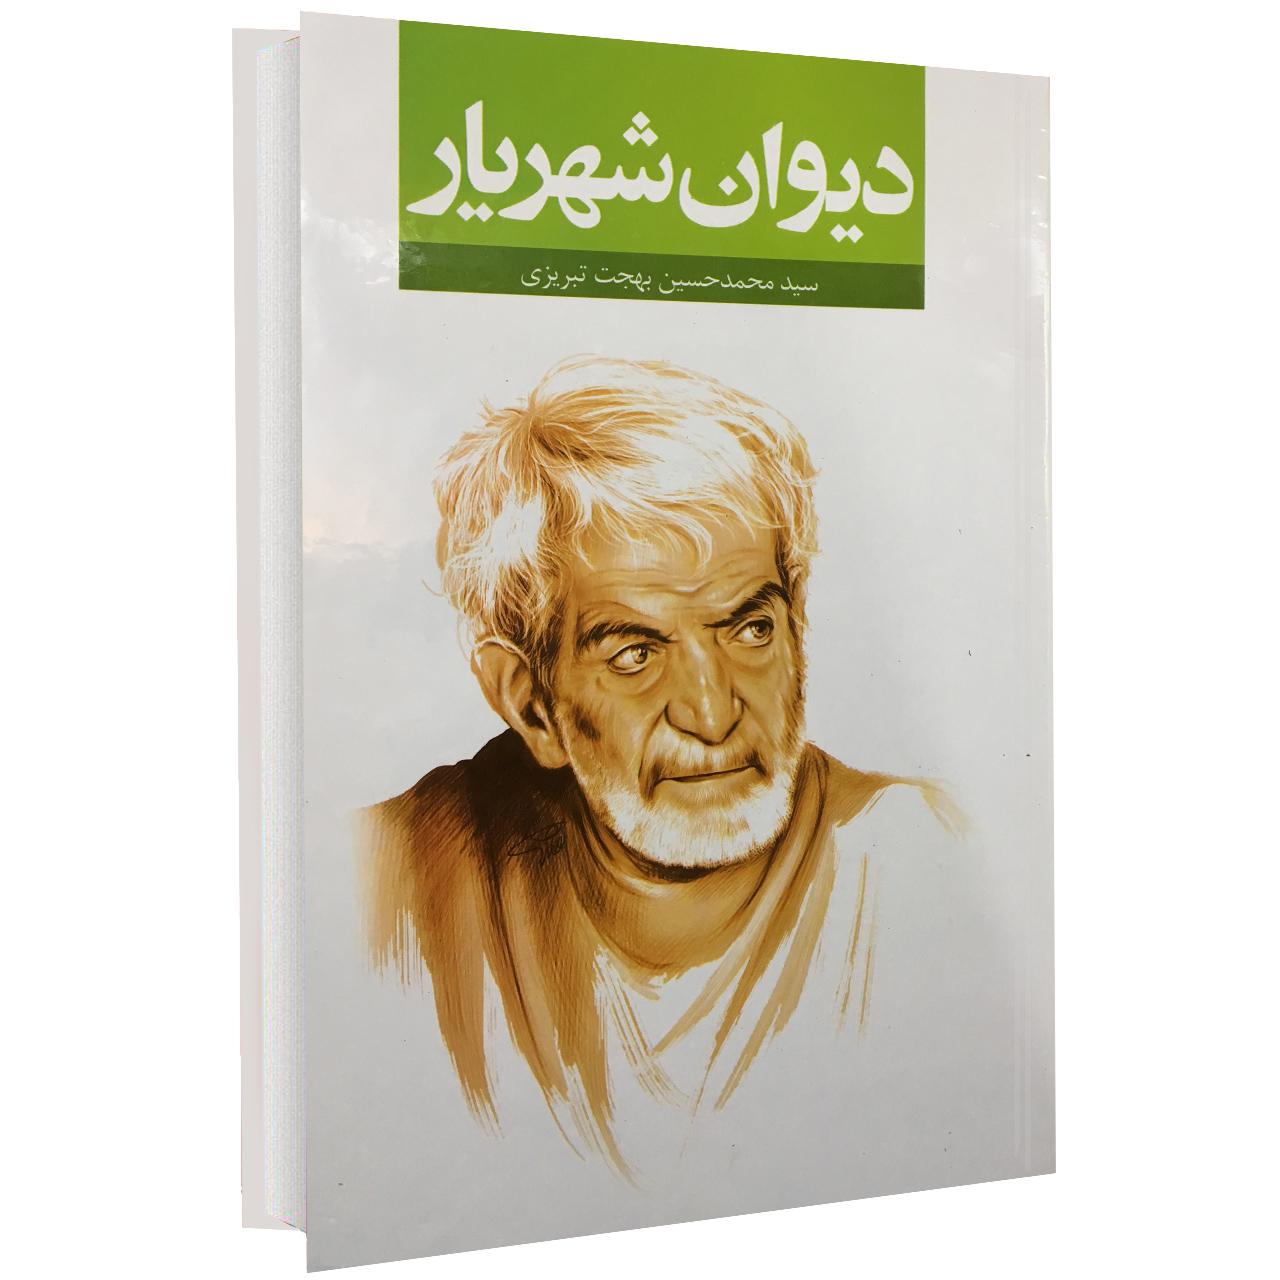 خرید                      کتاب دیوان شهریار اثر محمد حسین بهجت تبریزی نشر نگاه آشنا